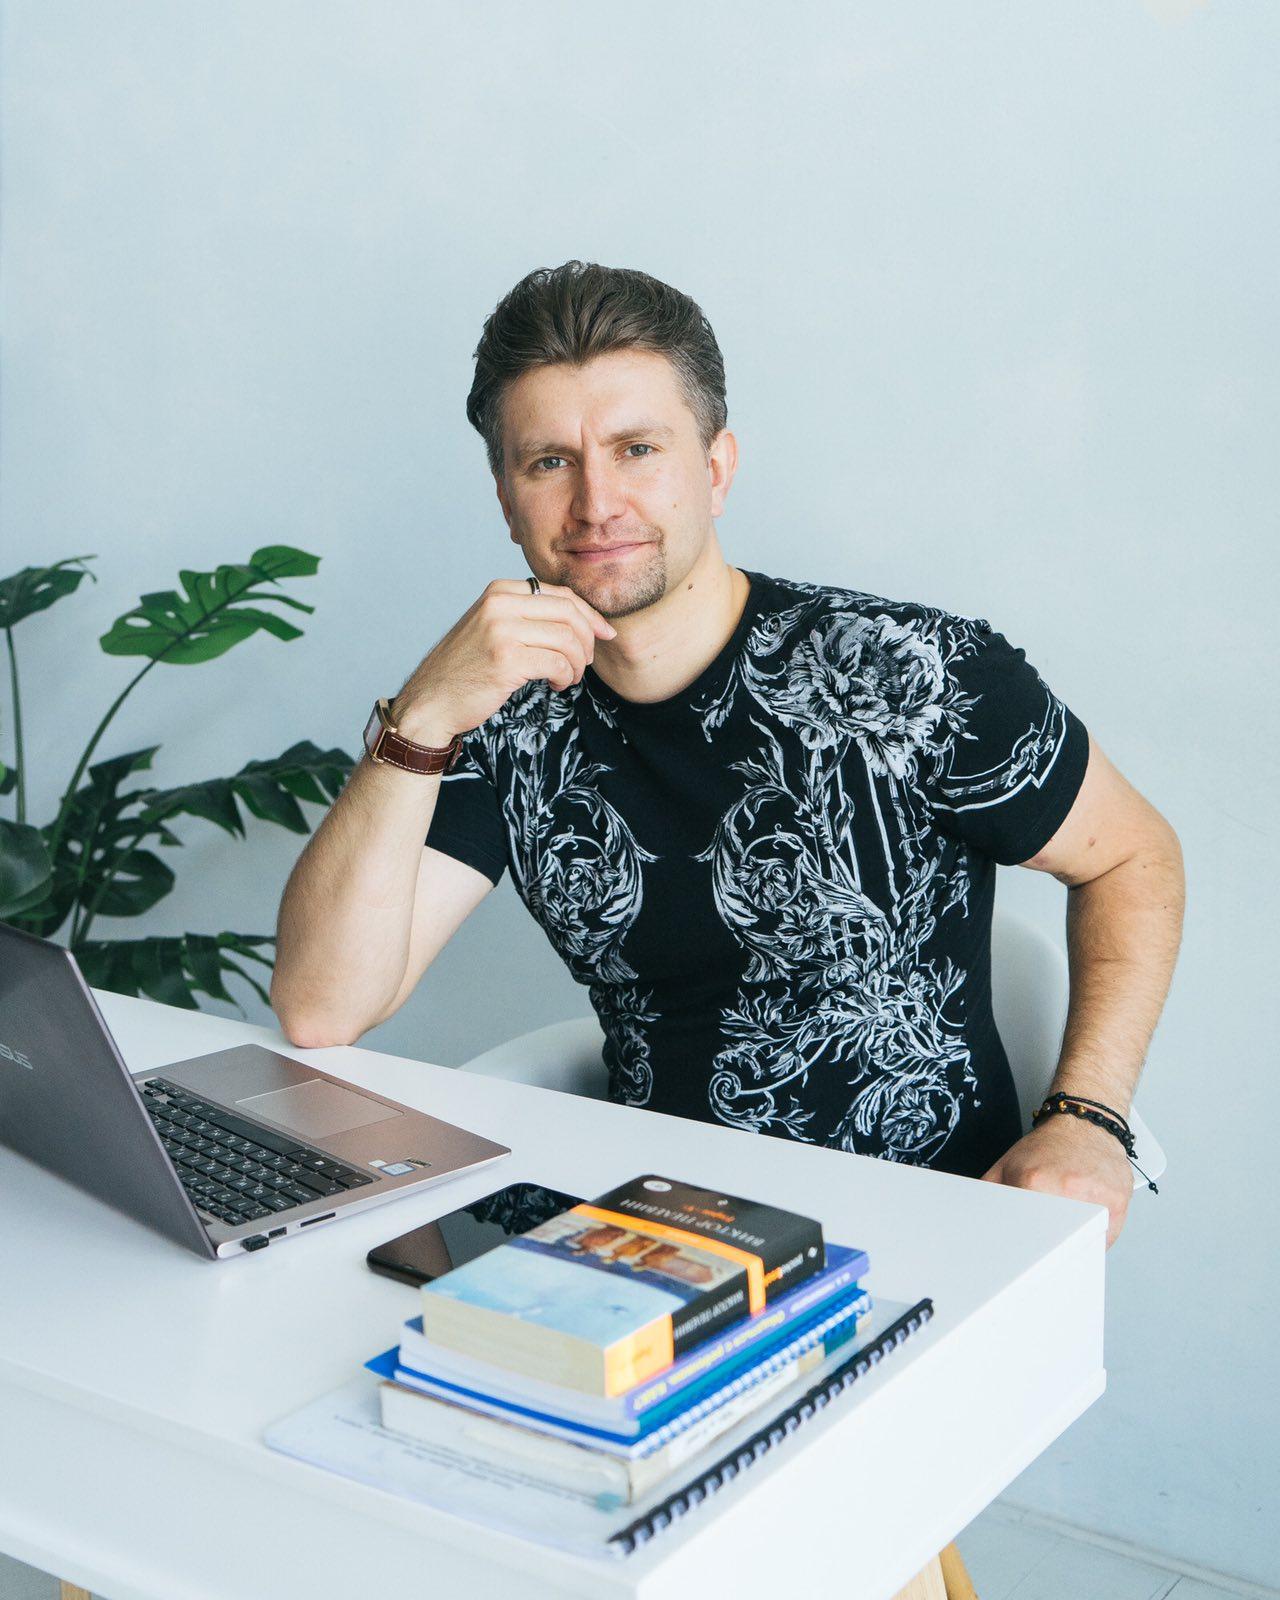 Шолонік Володимир Специалист по недвижимости